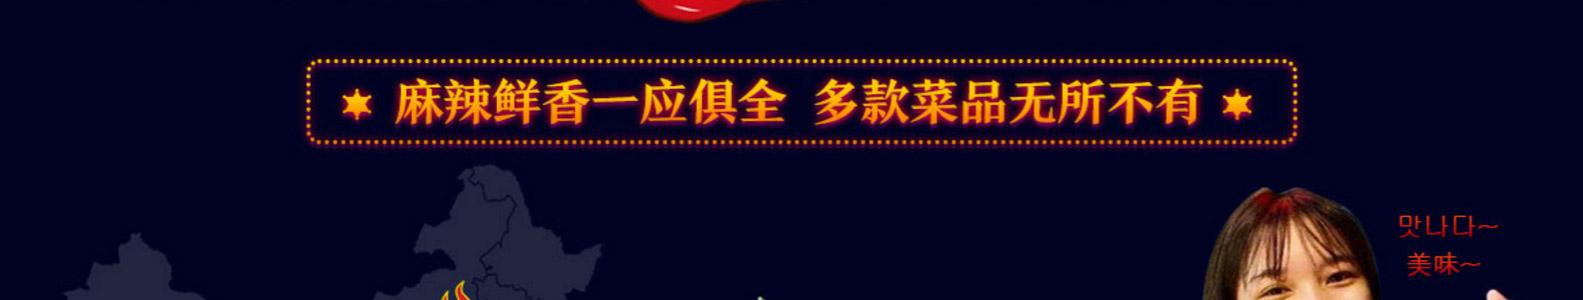 韩鱼客烤鱼韩鱼客烤鱼_20